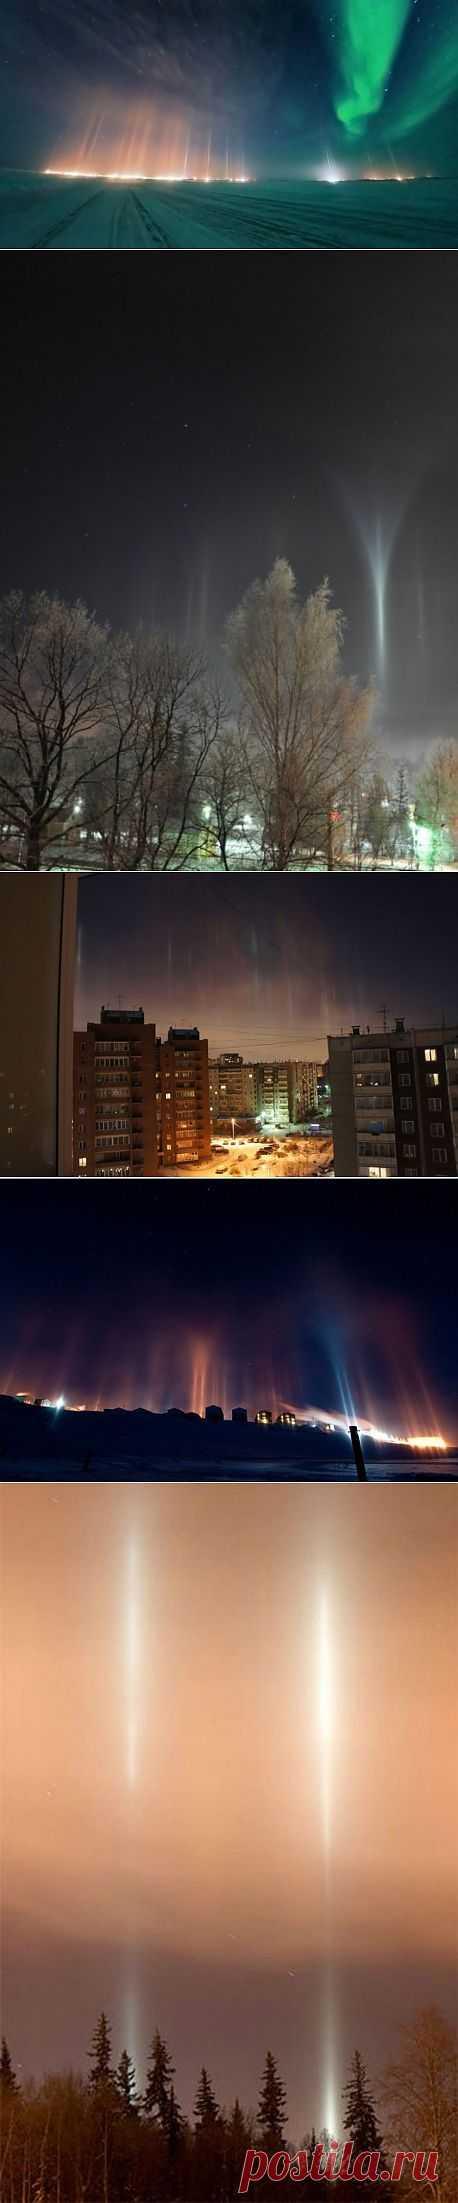 (+1) сообщ - Удивительные световые столбы   ТУРИЗМ И ОТДЫХ